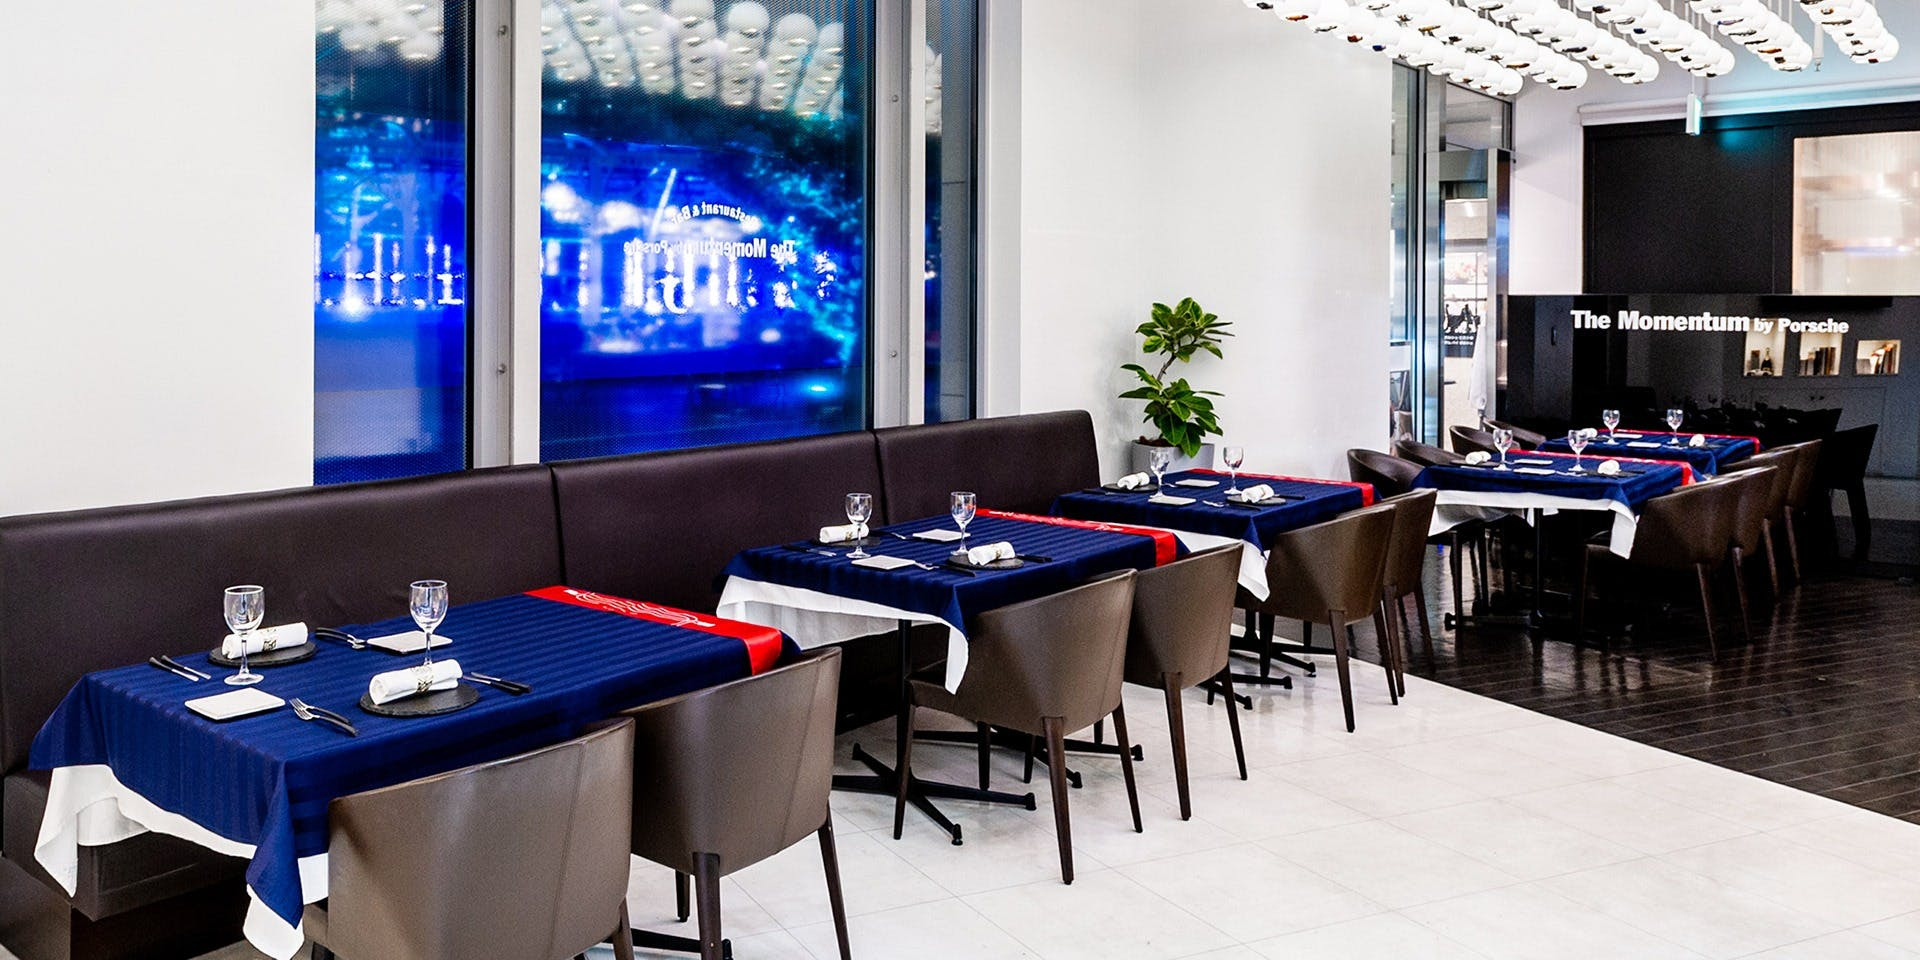 記念日におすすめのレストラン・The Momentum by Porscheの写真1